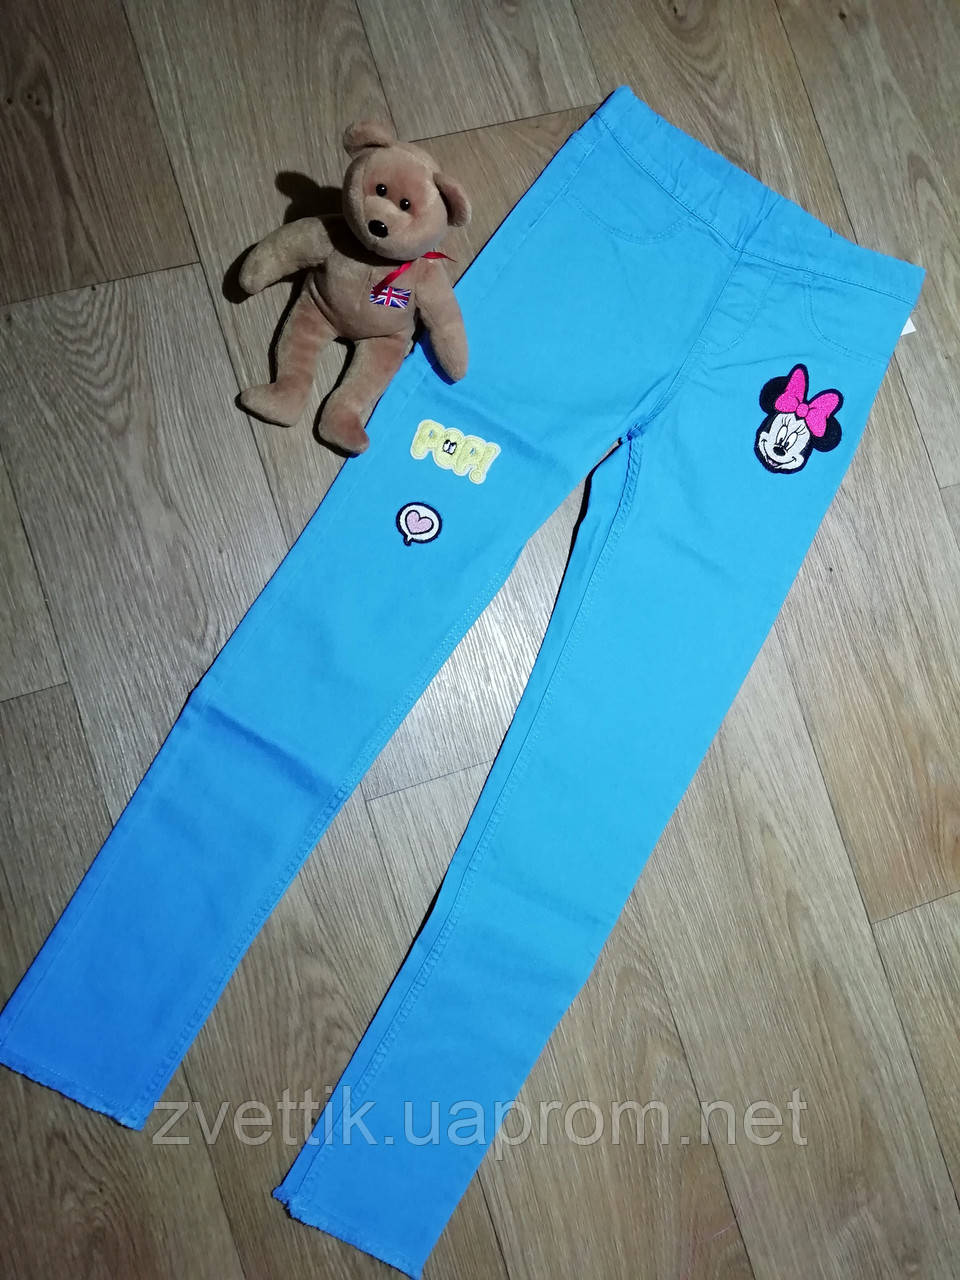 Ярко голубые стрейчевые джеггинсы с аппликацией Минни (Размер 9-10Т) H&M (Англия)